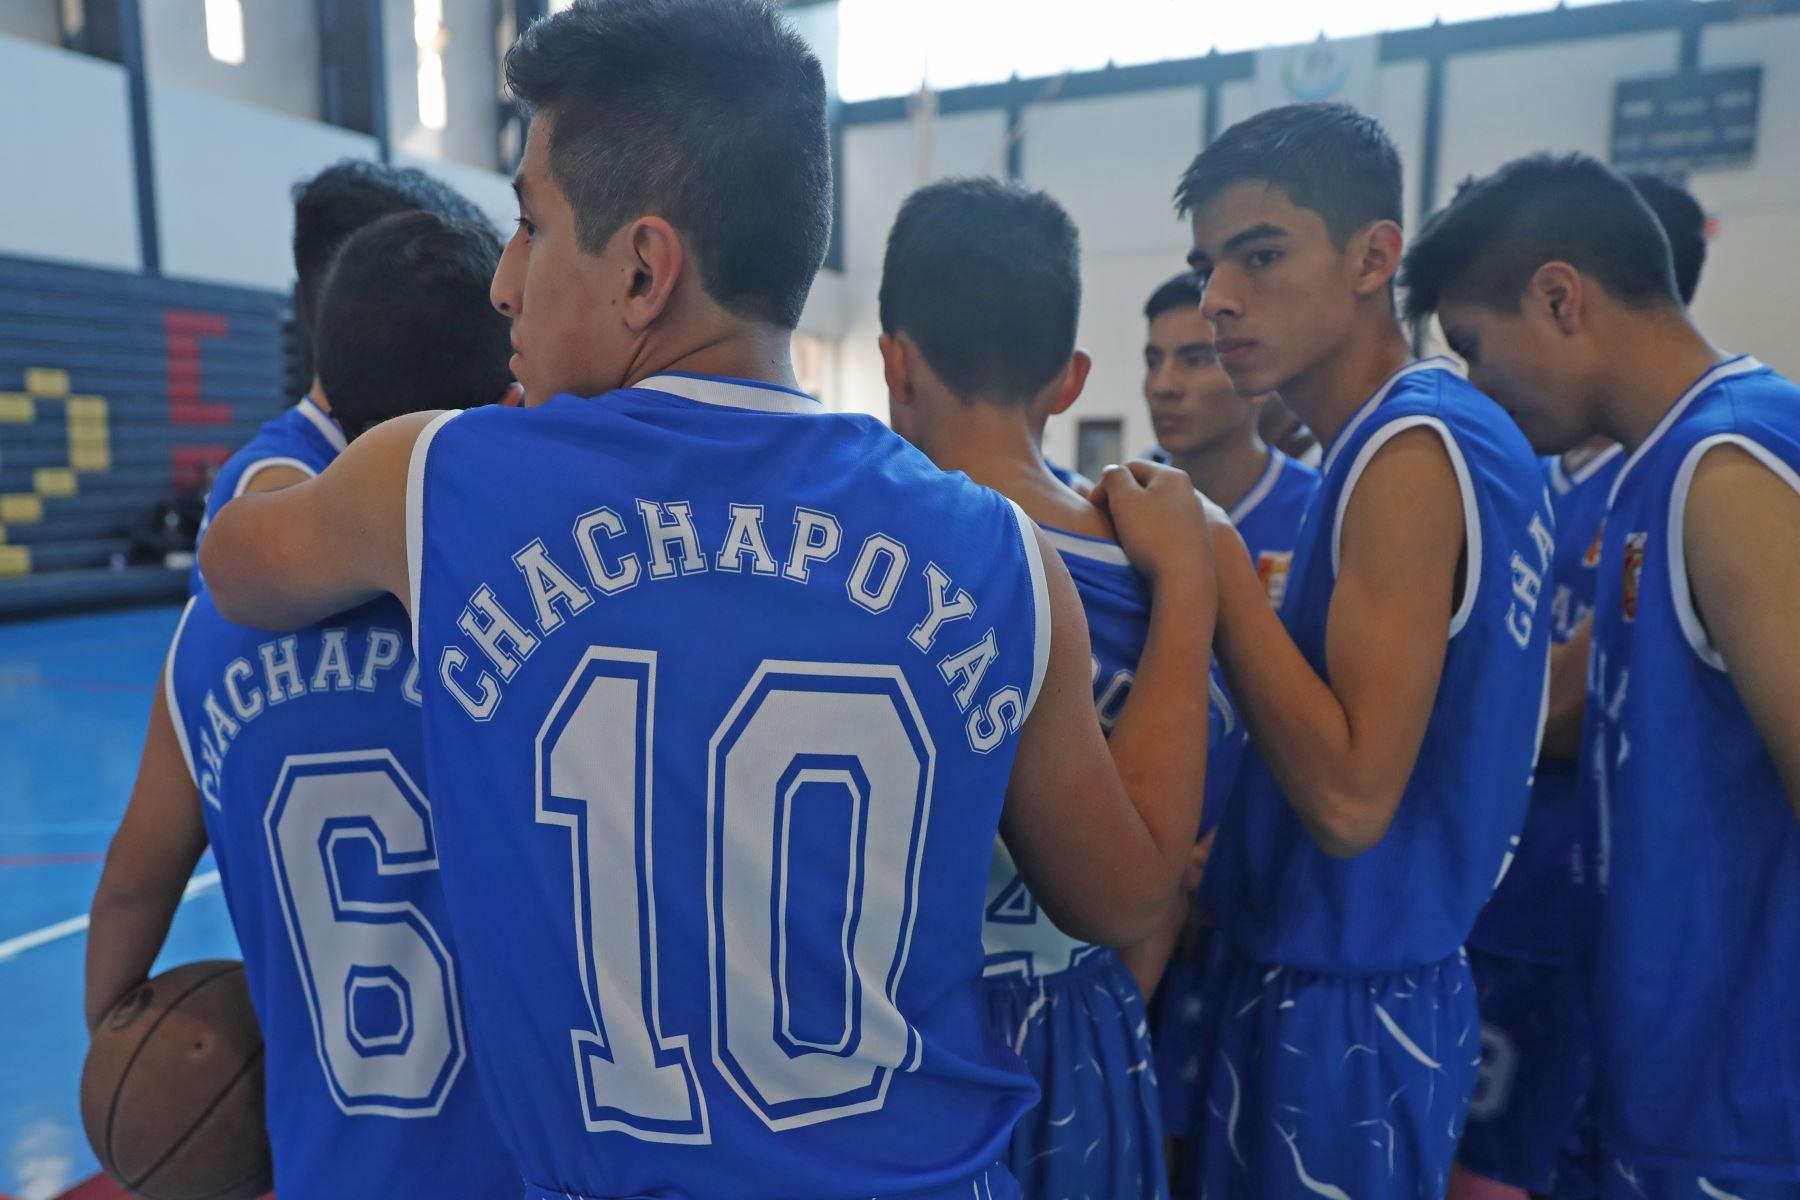 Colegio Seminario Jesús Maria de Chachapoyas (Amazonas) disputa encuentro con el colegio Cristo Rey de Tacna en los Juegos Deportivos Escolares Nacionales desarrollado en el colegio La Recoleta de La Molina. Foto: ANDINA/Renato Pajuelo